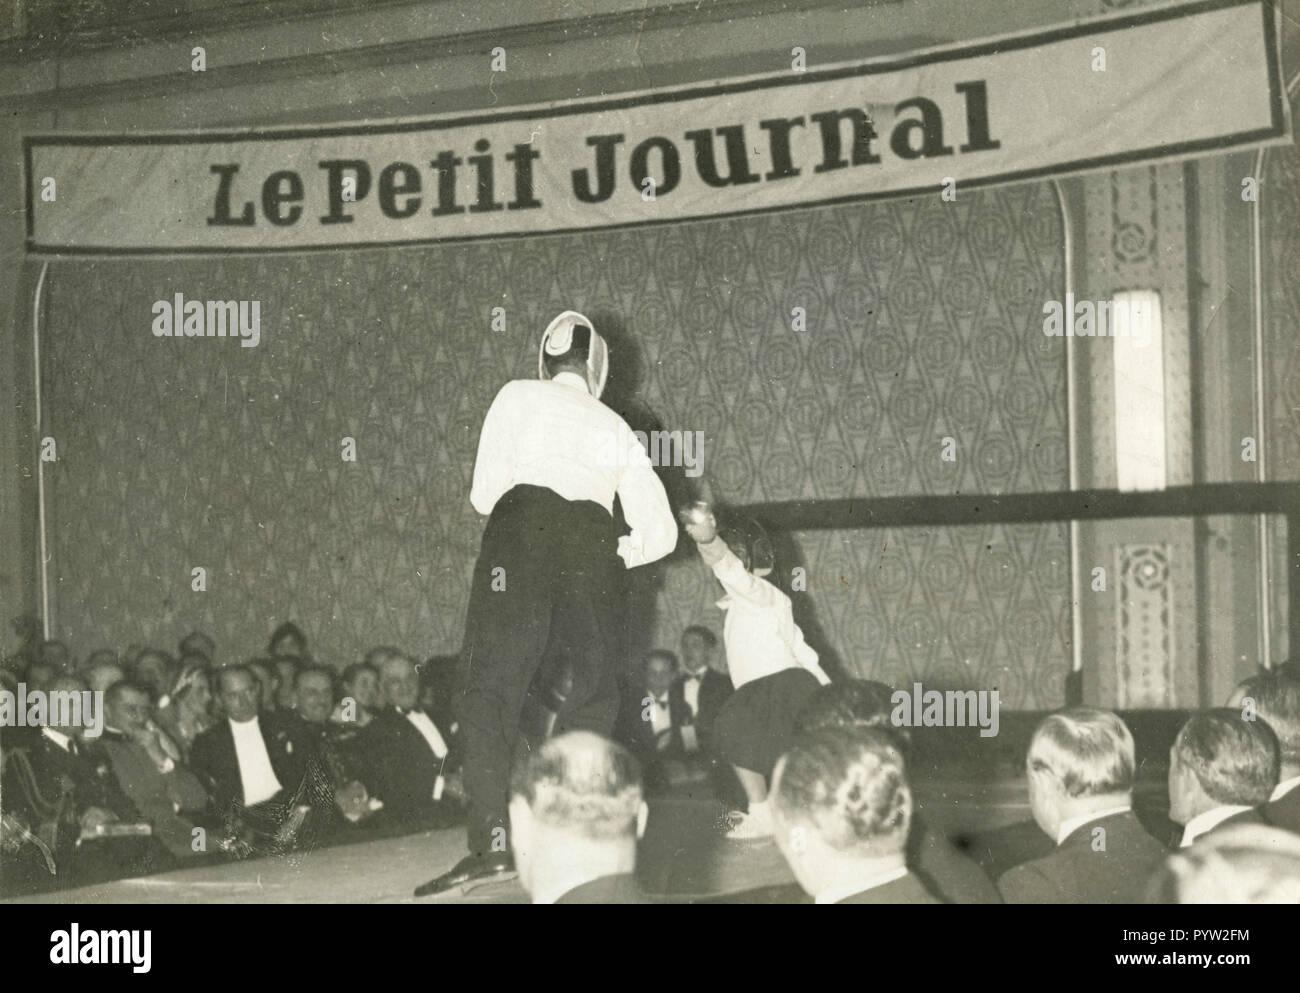 Lezione di scherma in pubblico, Parigi, Francia 1933 Immagini Stock